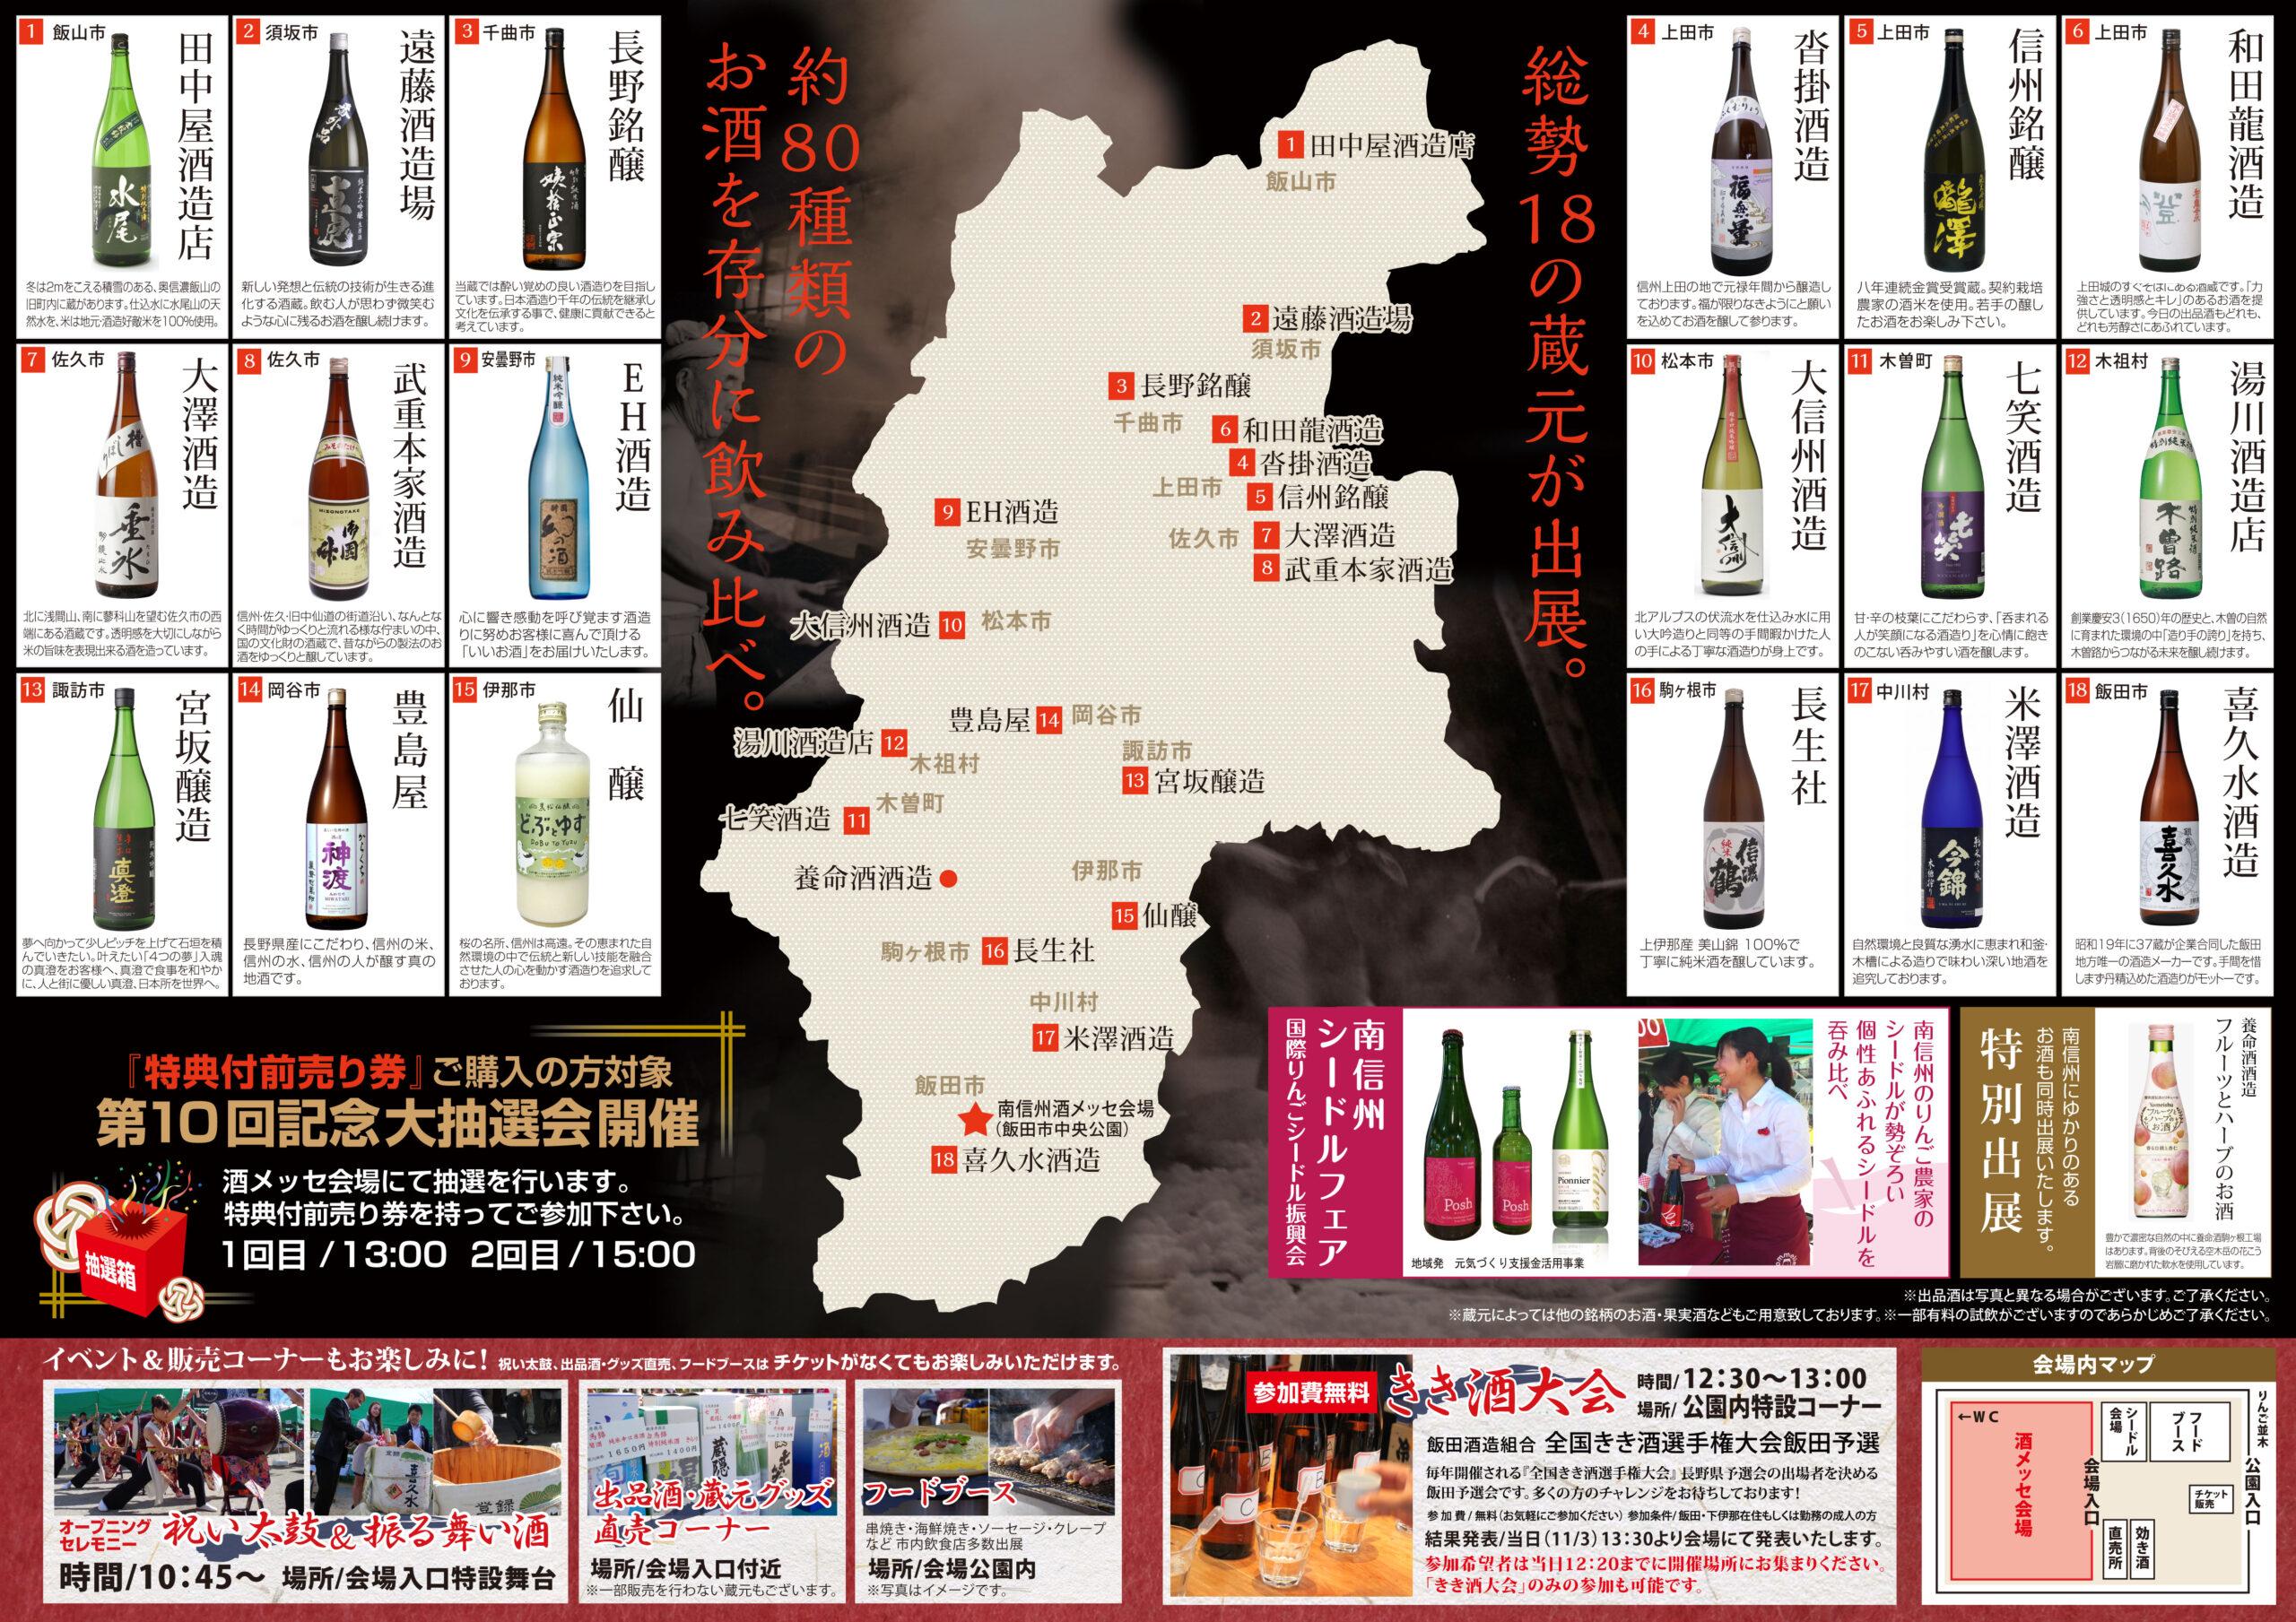 パンフレット制作 南信州酒メッセ様 2018